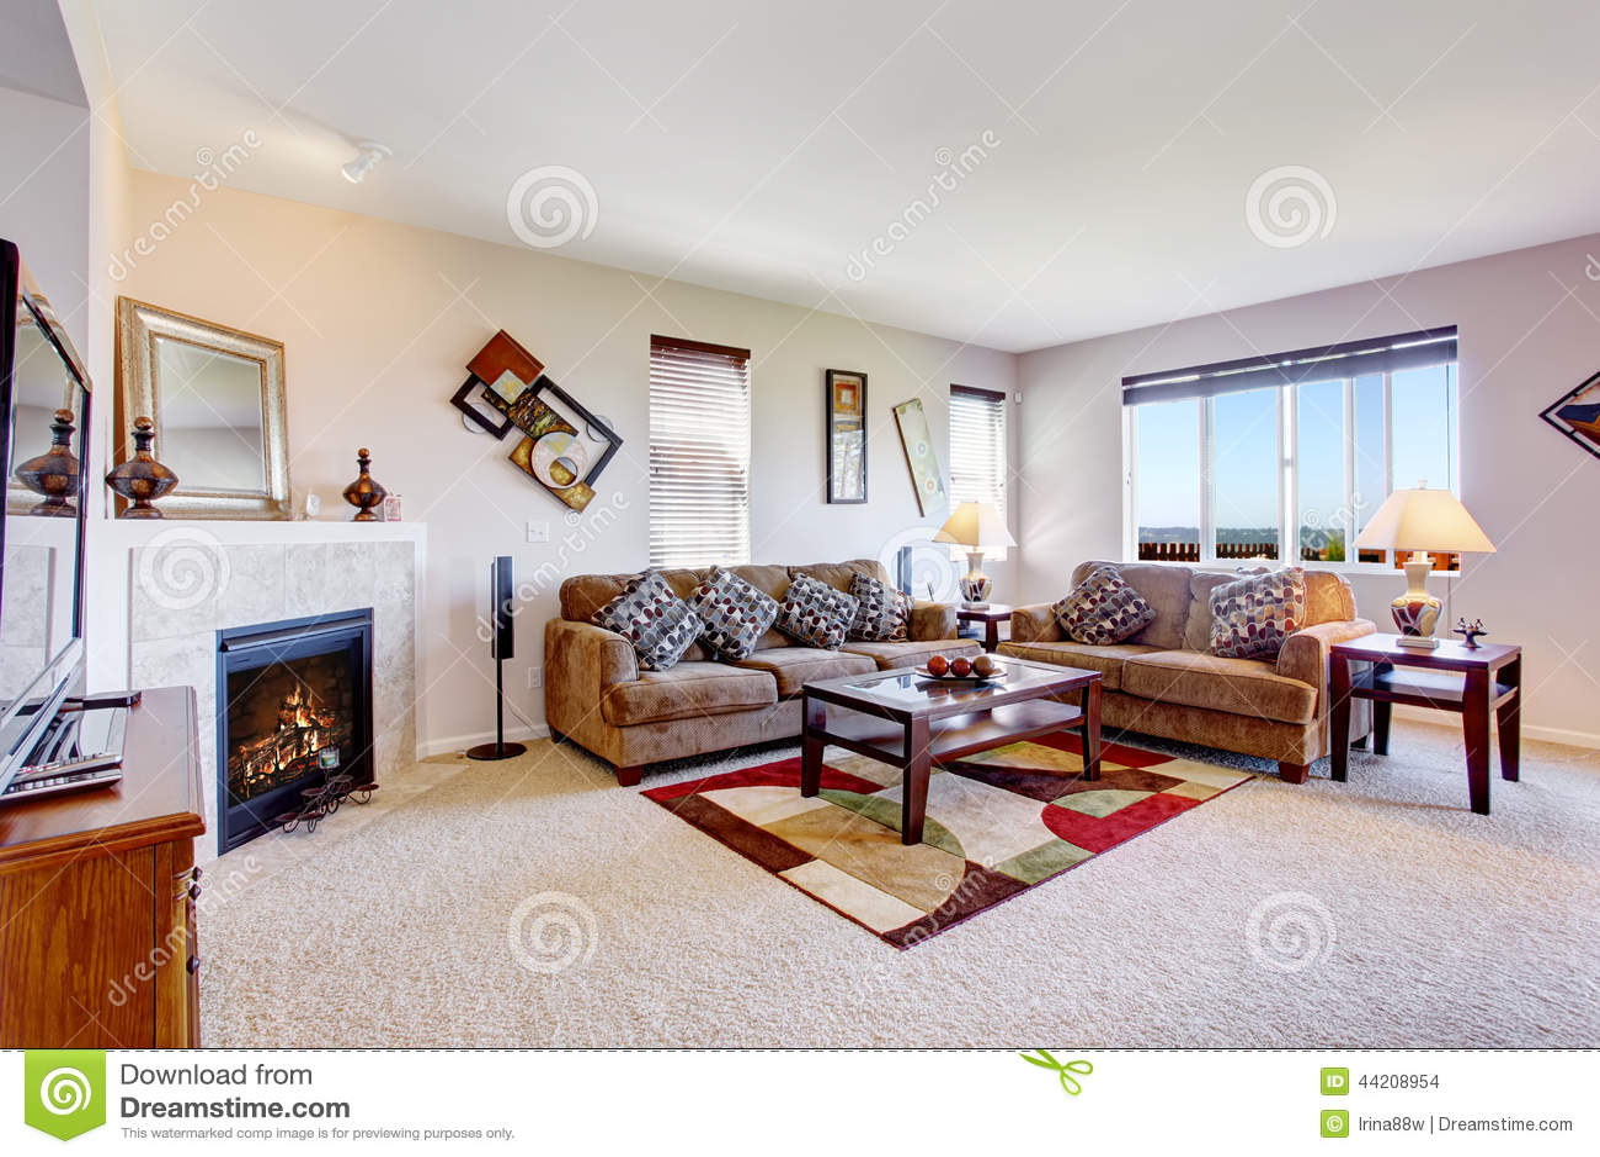 Kleurrijke Witte Woonkamer : Witte woonkamer met open haard en kleurrijke deken stock foto